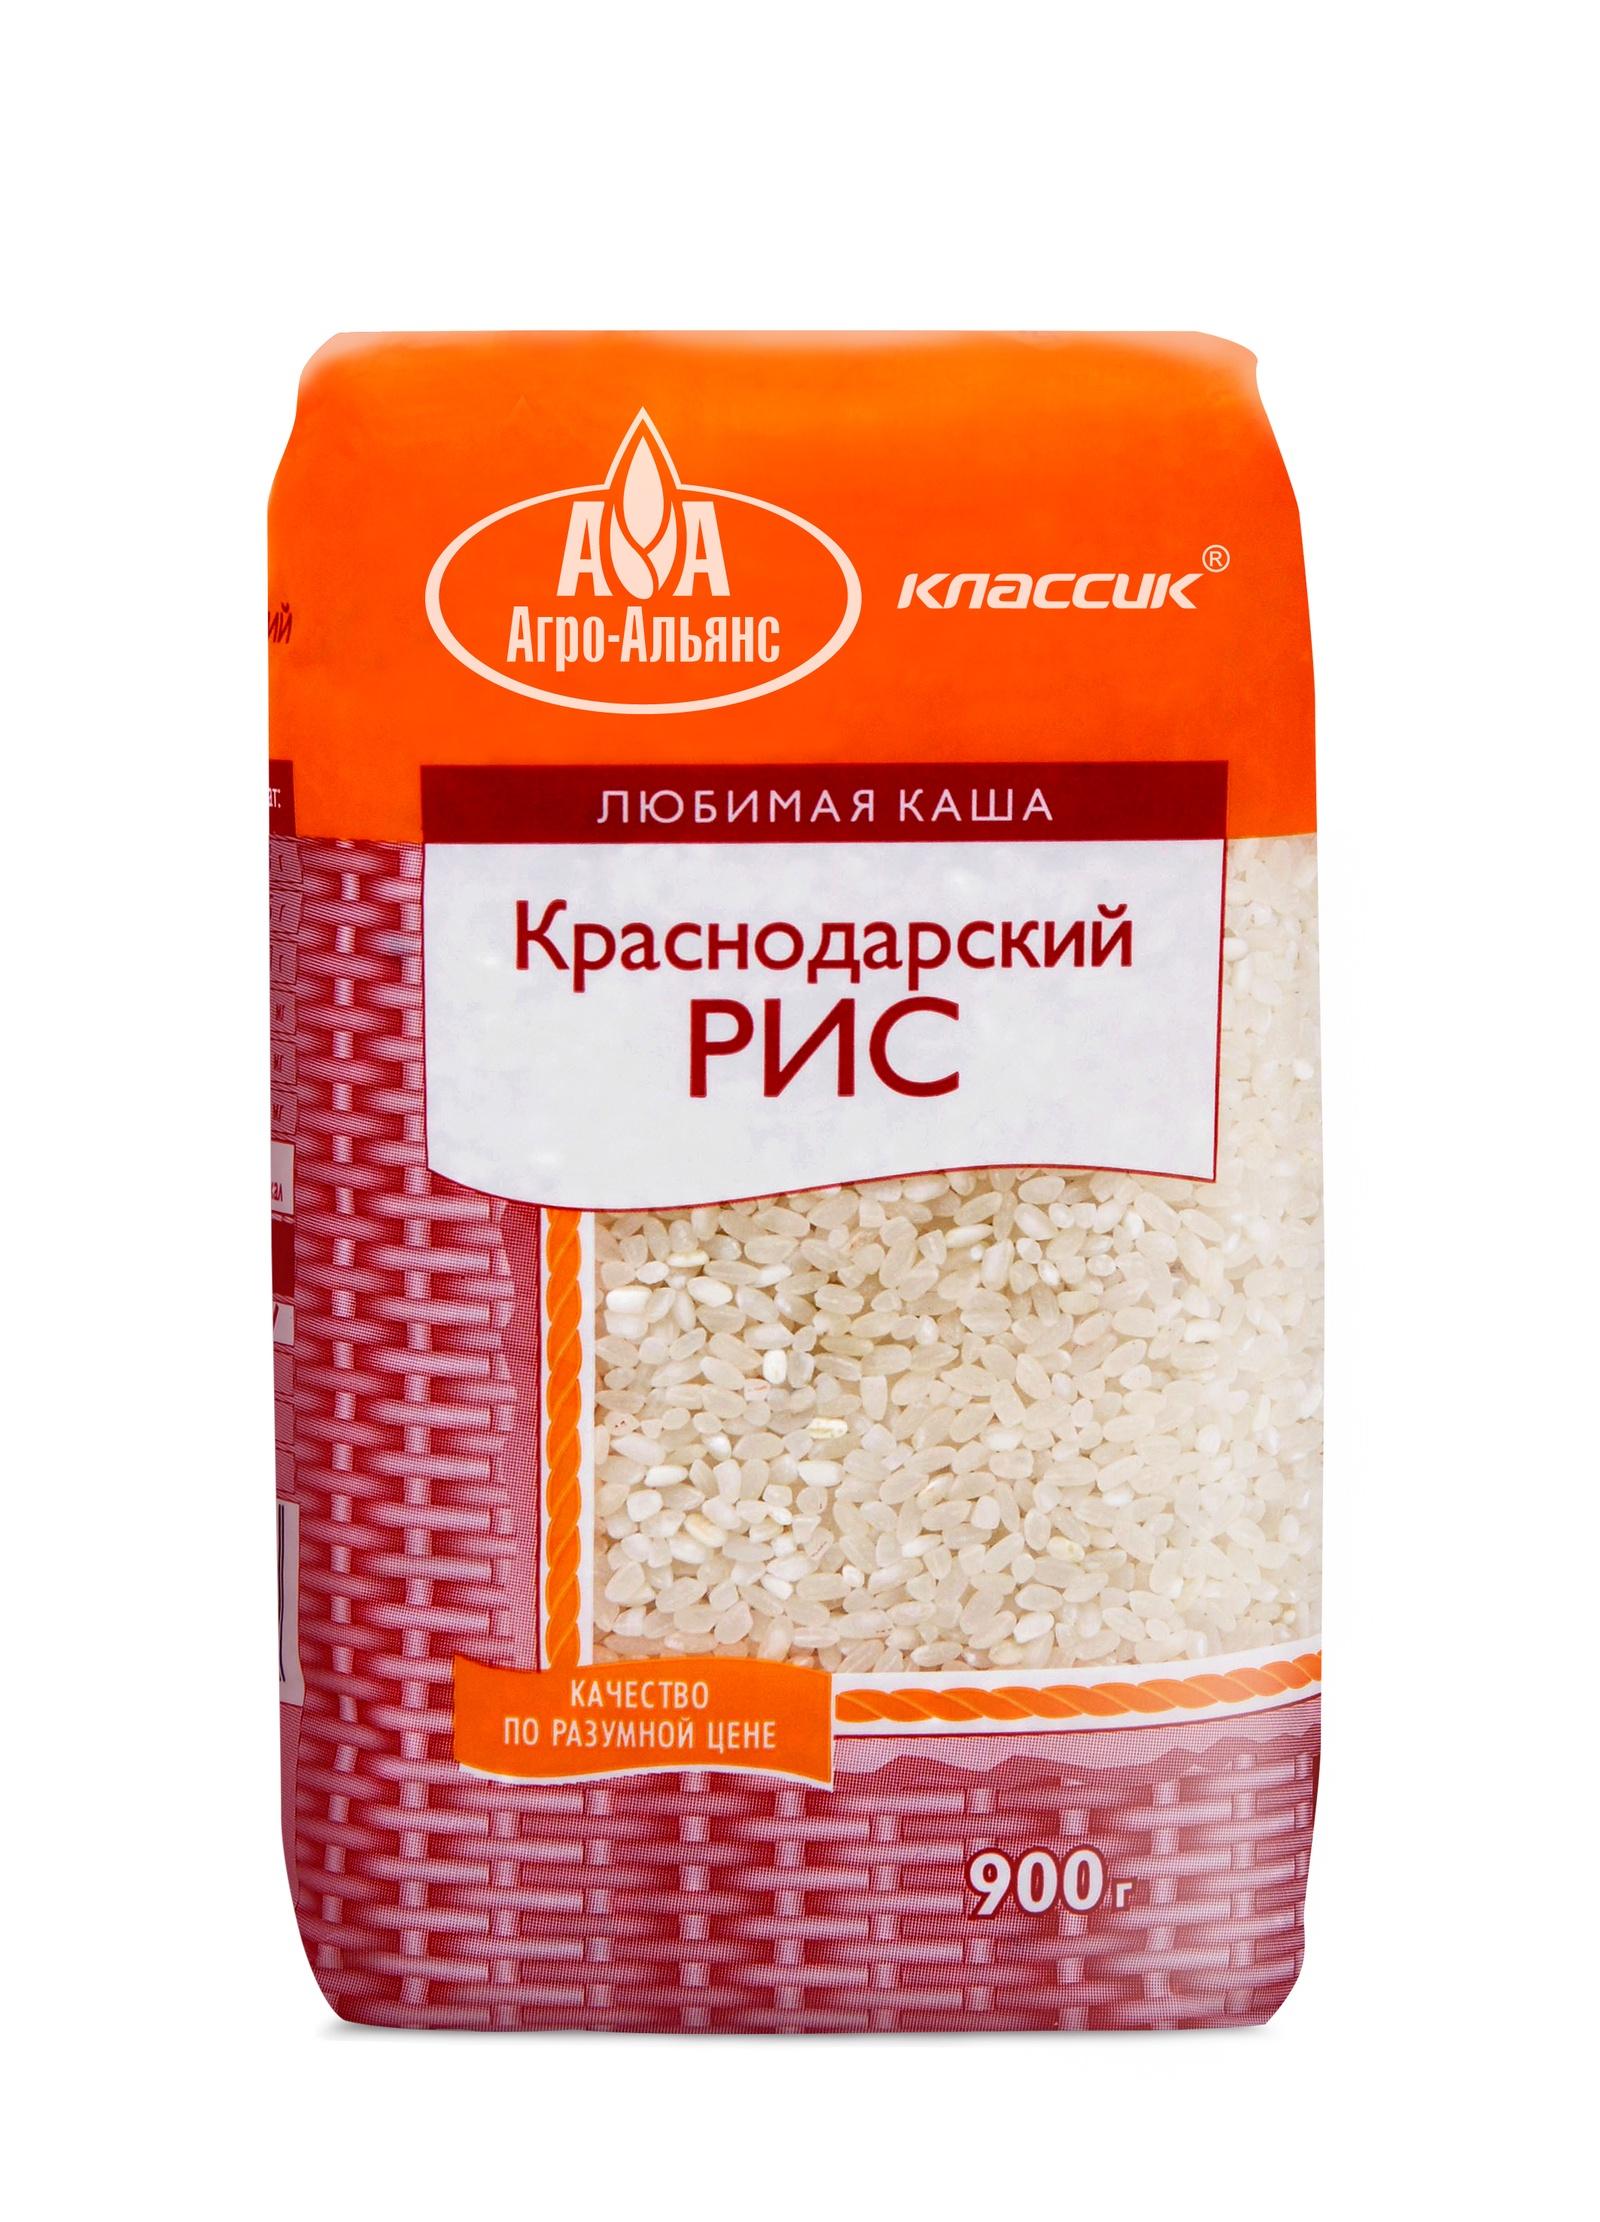 Рис Агро-Альянс Краснодарский Классик, 900 г агро альянс каскад рис пропаренный золотой 900 г